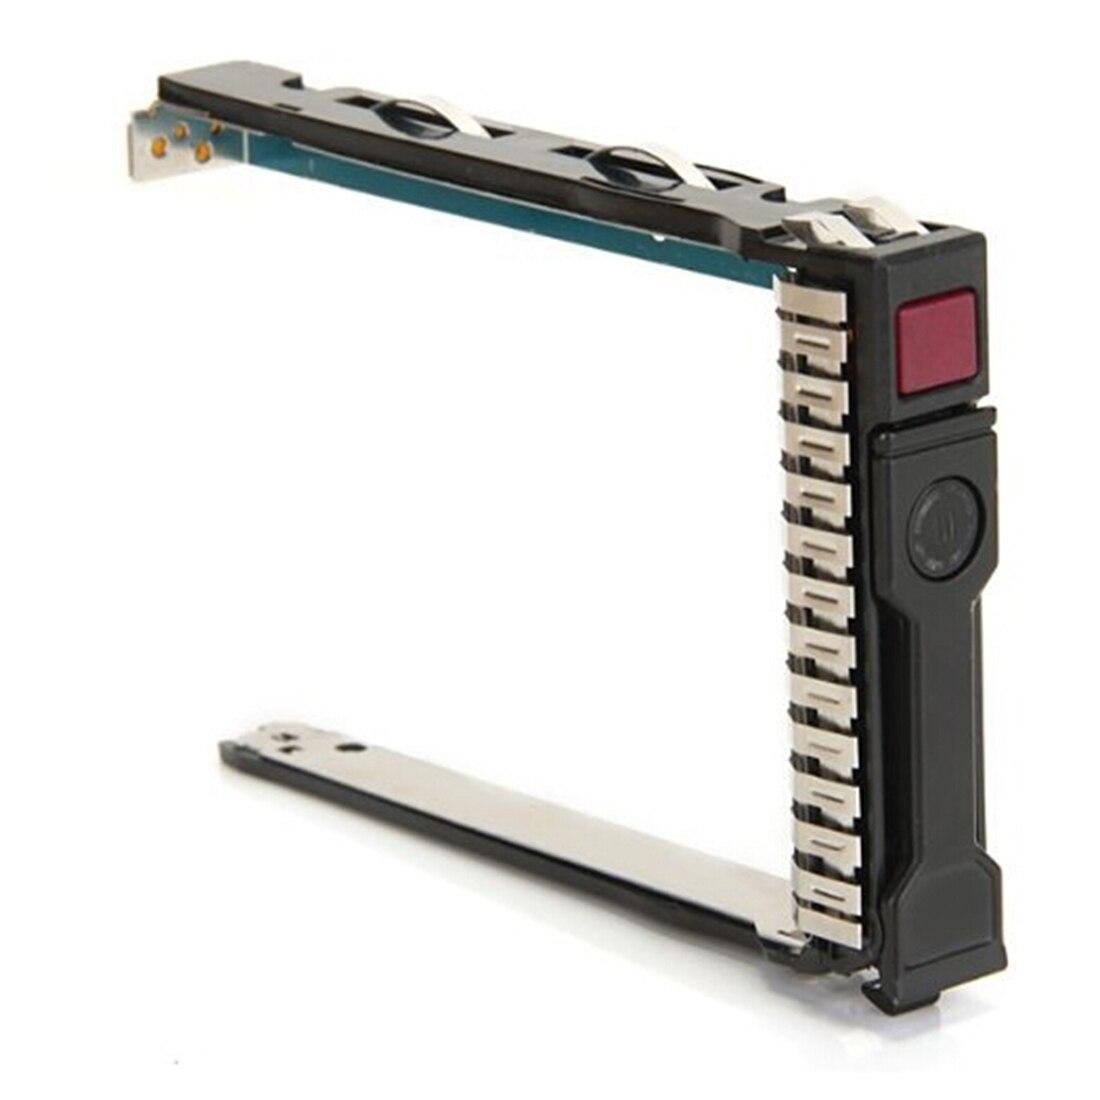 New hot 2 5 Inch G8 SAS SATA HDD Hard Drive font b Disk b font